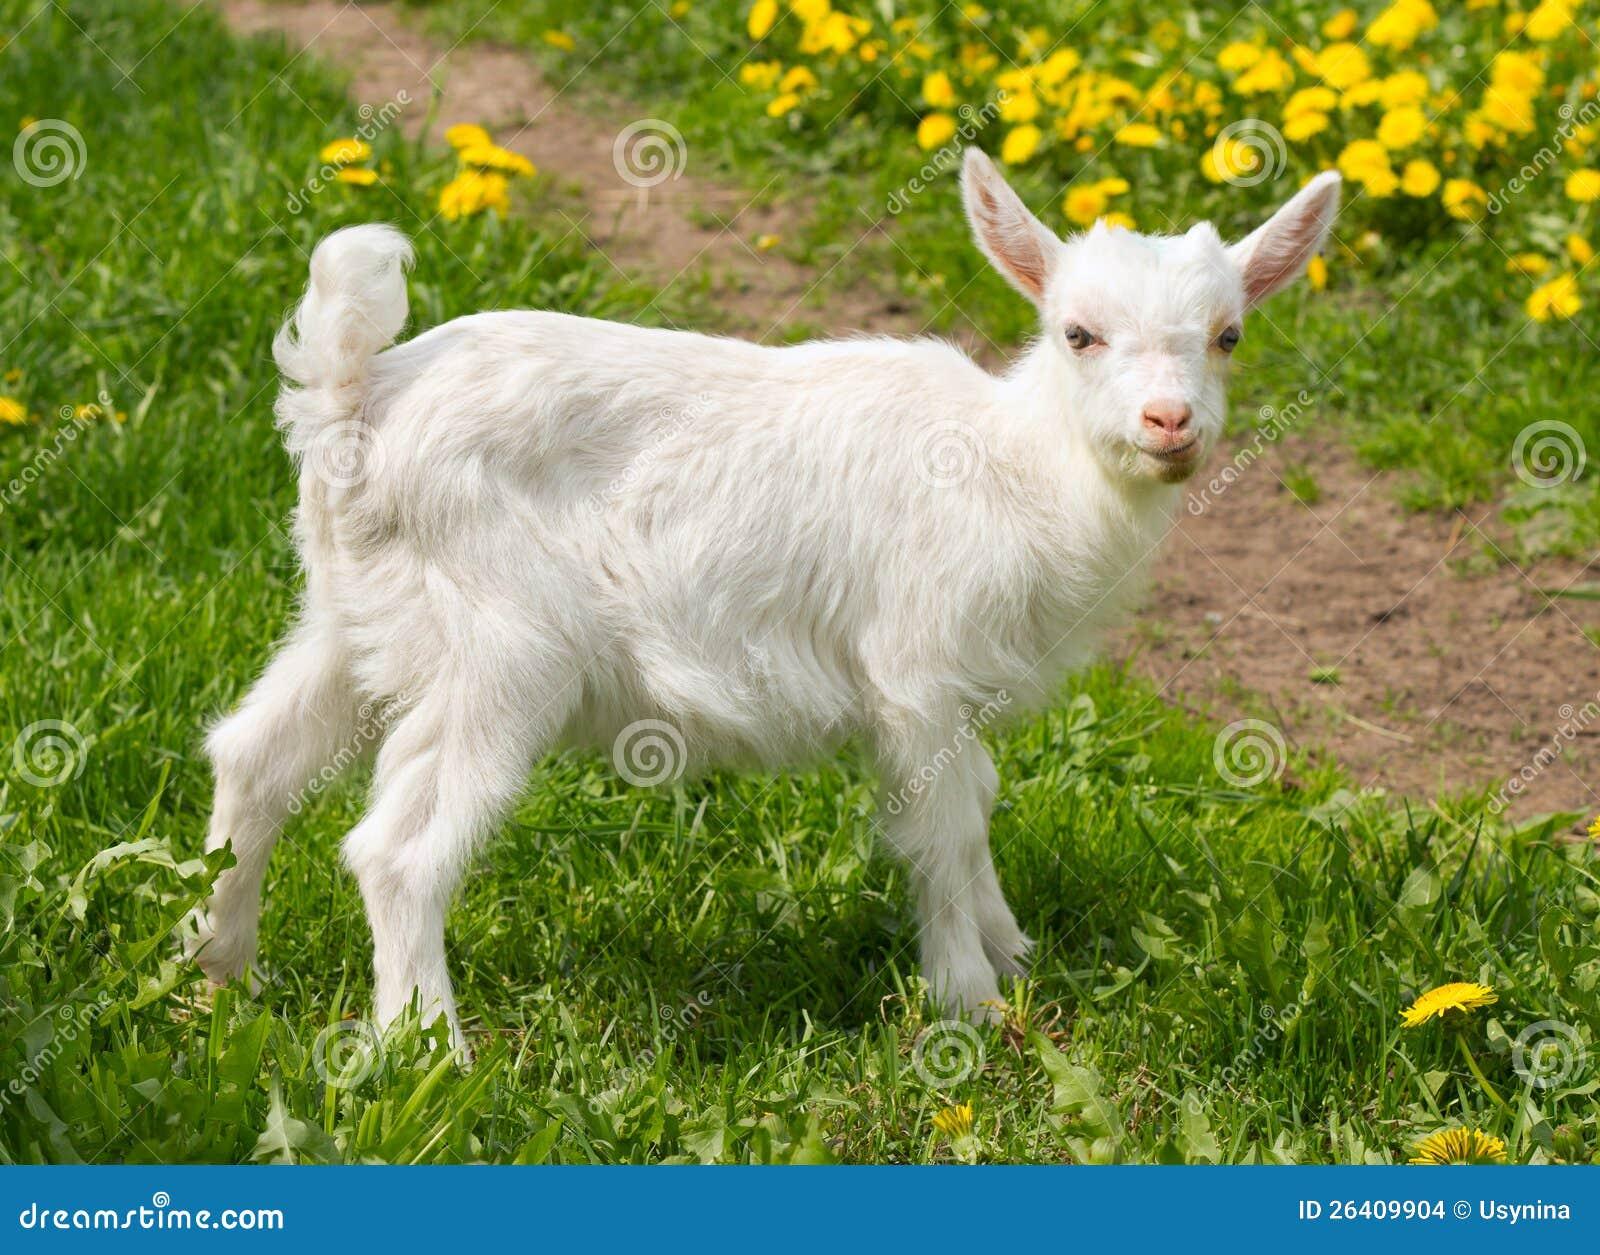 white goat machine